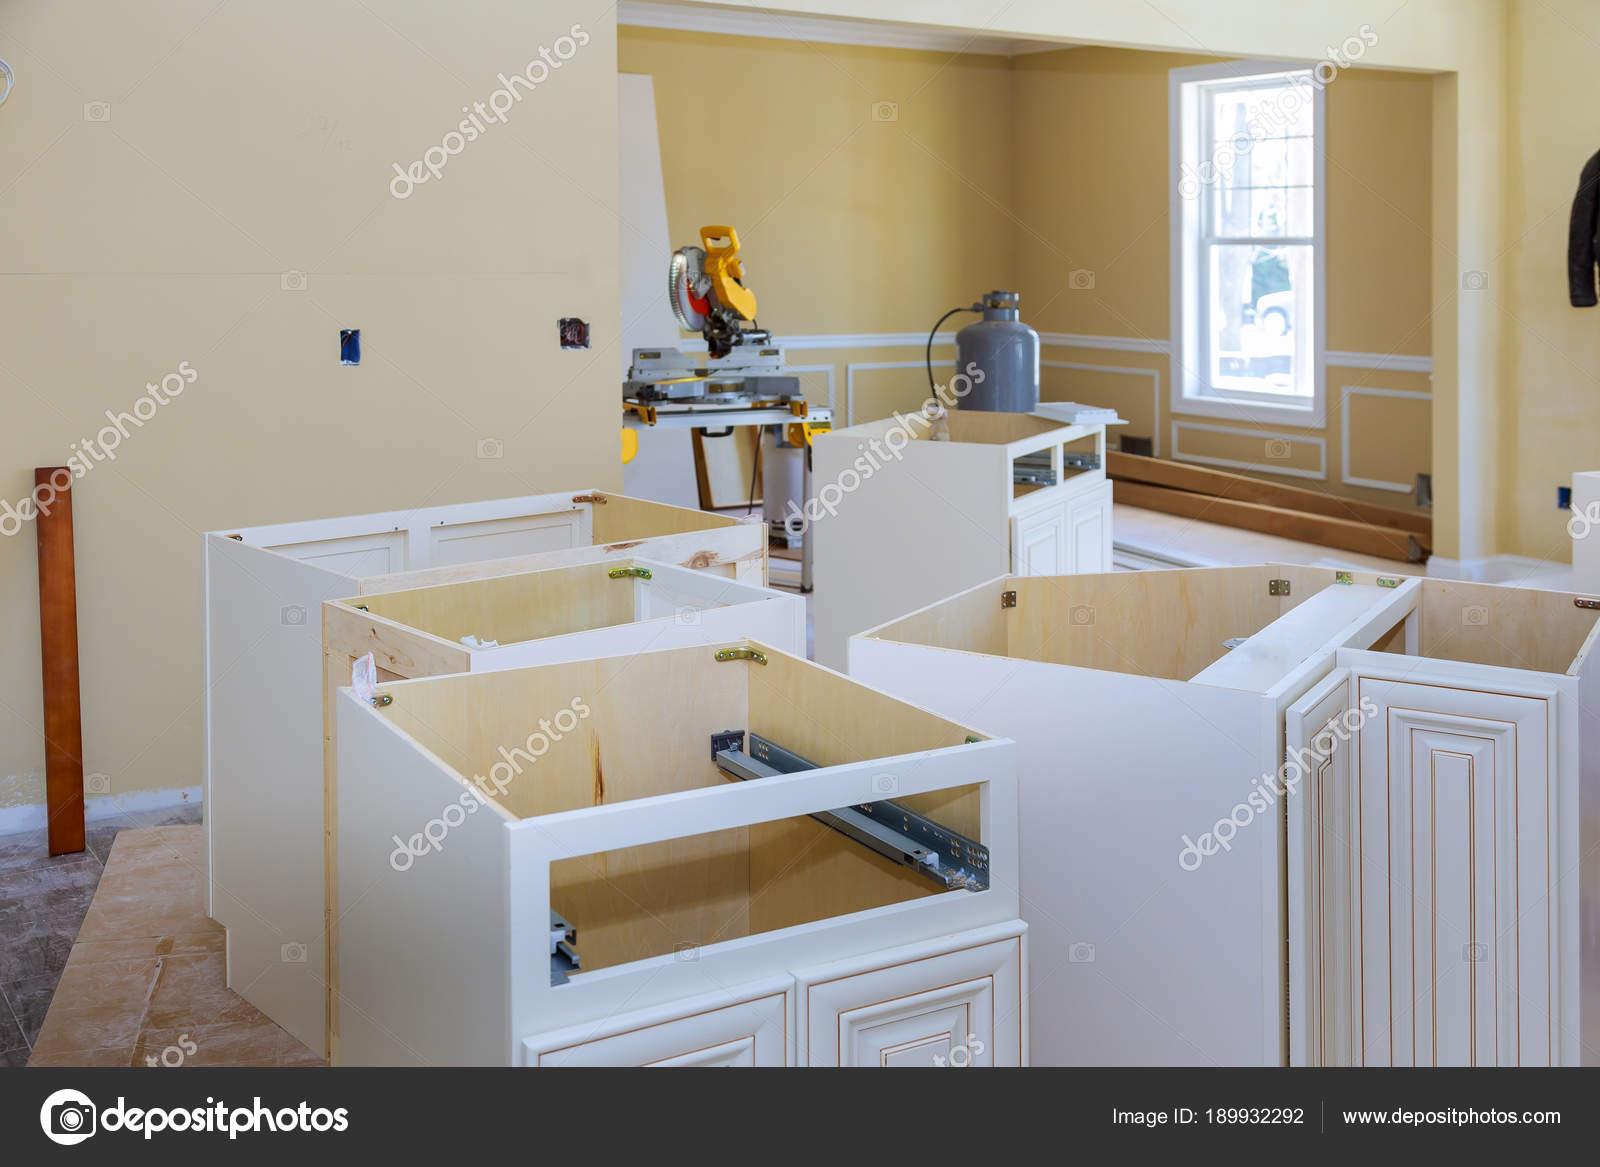 kitchen center islands cabinet shelf inserts 安装基地新型现代化厨房在中心岛上 图库照片 c photovs 189932292